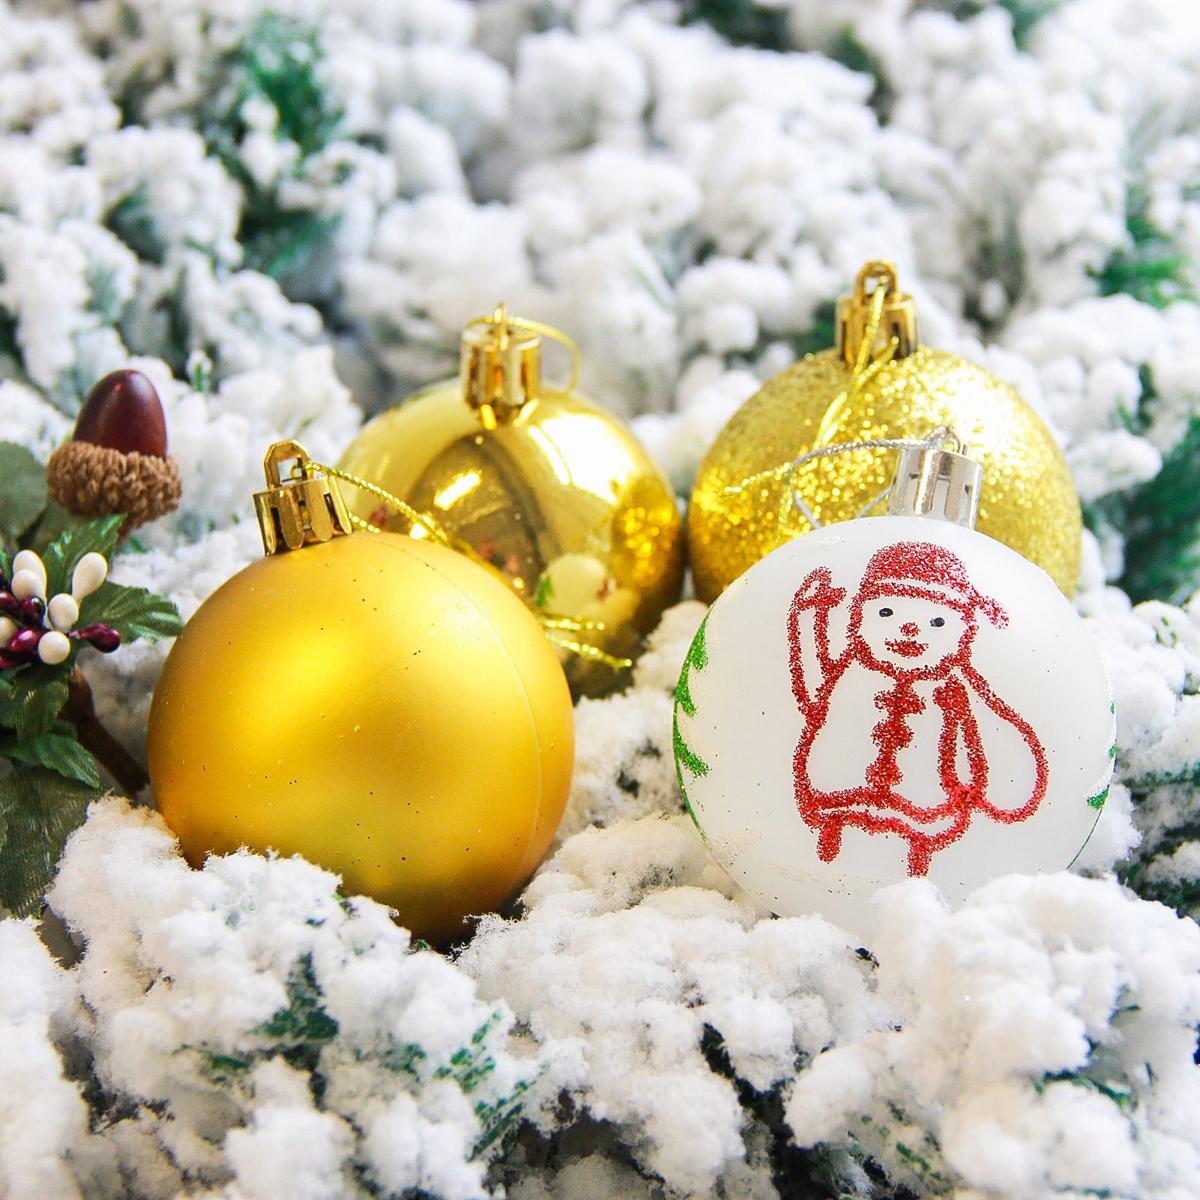 Набор новогодних подвесных украшений Sima-land Кьюзо, цвет: золотистый, диаметр 6 см, 16 шт2178239Набор новогодних подвесных украшений Sima-land отлично подойдет для декорации вашего дома и новогодней ели. С помощью специальной петельки украшение можно повесить в любом понравившемся вам месте. Но, конечно, удачнее всего оно будет смотреться на праздничной елке. Елочная игрушка - символ Нового года. Она несет в себе волшебство и красоту праздника. Создайте в своем доме атмосферу веселья и радости, украшая новогоднюю елку нарядными игрушками, которые будут из года в год накапливать теплоту воспоминаний.